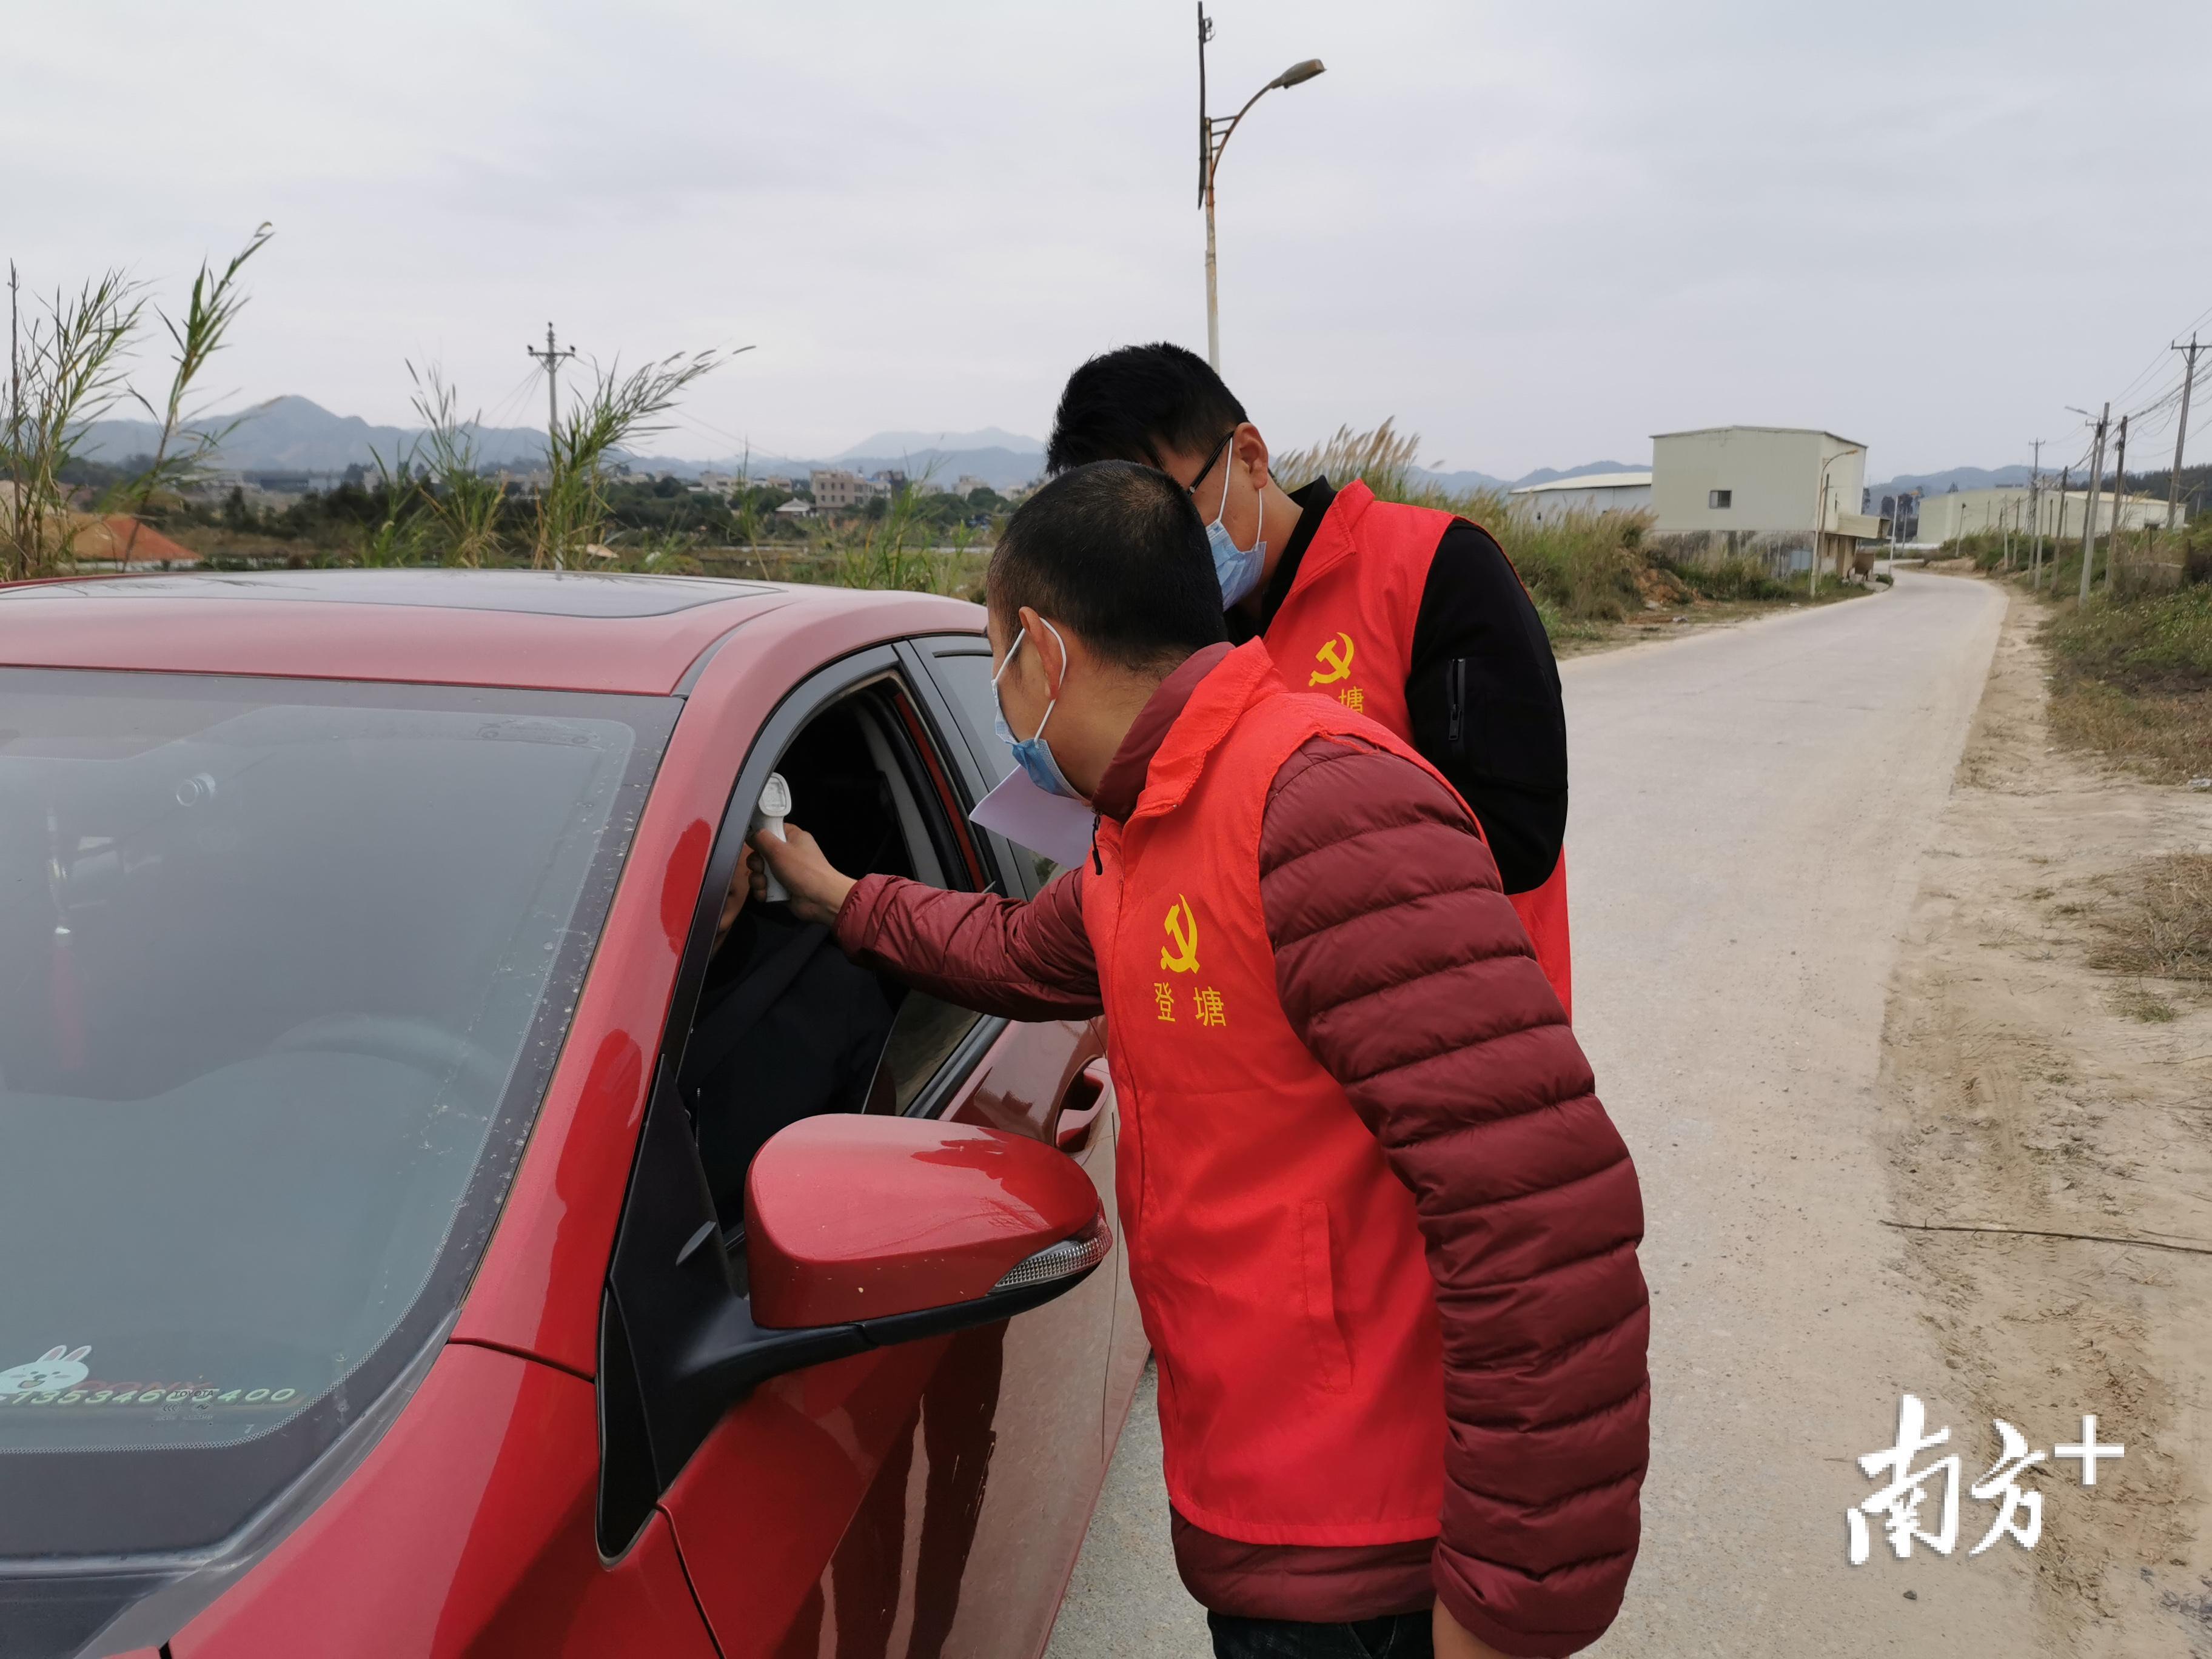 登塘镇党员志愿队在为进村人员测体温